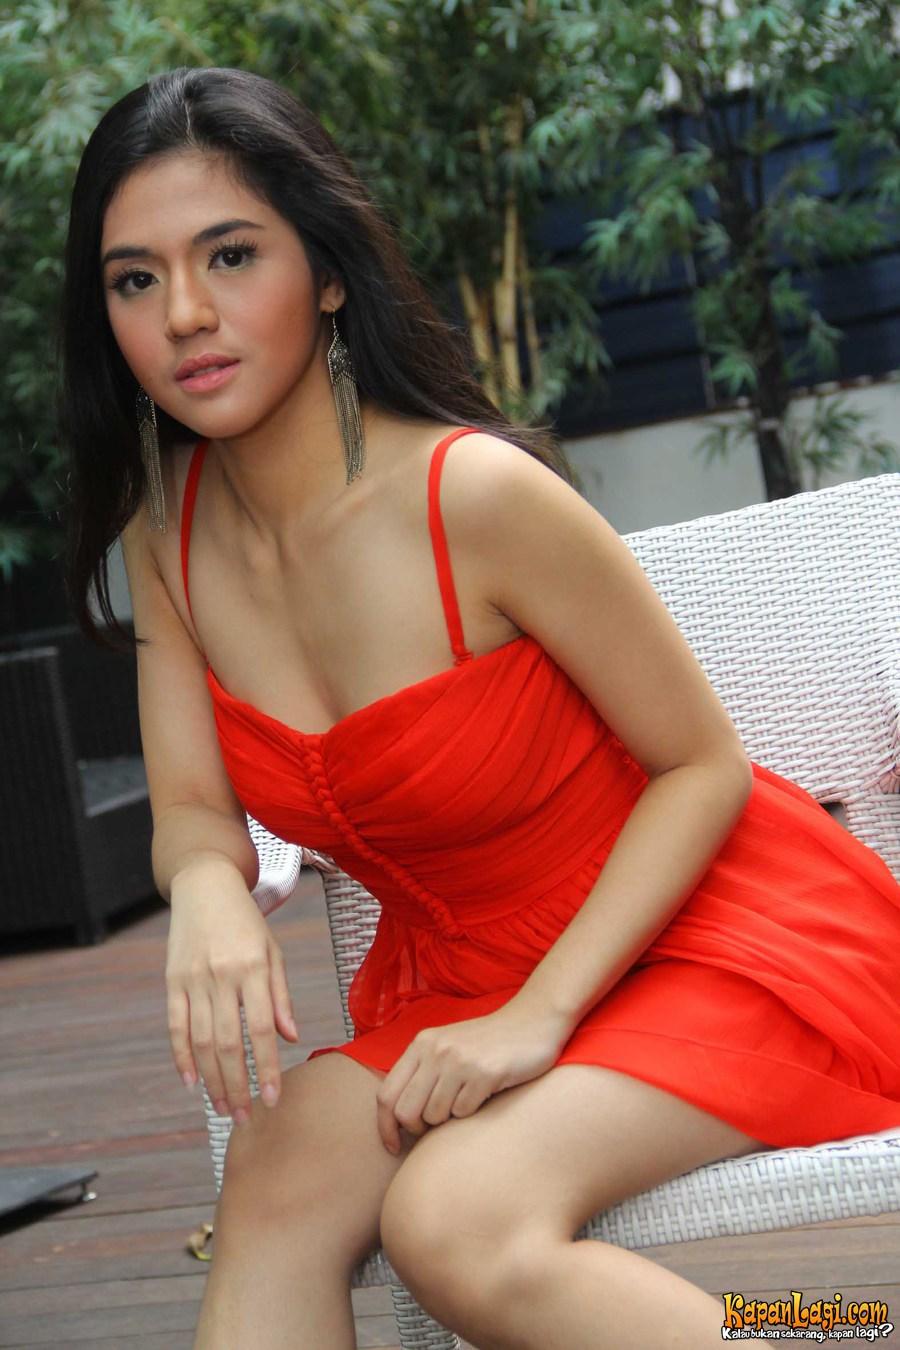 DJ Hot Putri Una Berbagi Pose Seksi Cantik Dan Imut